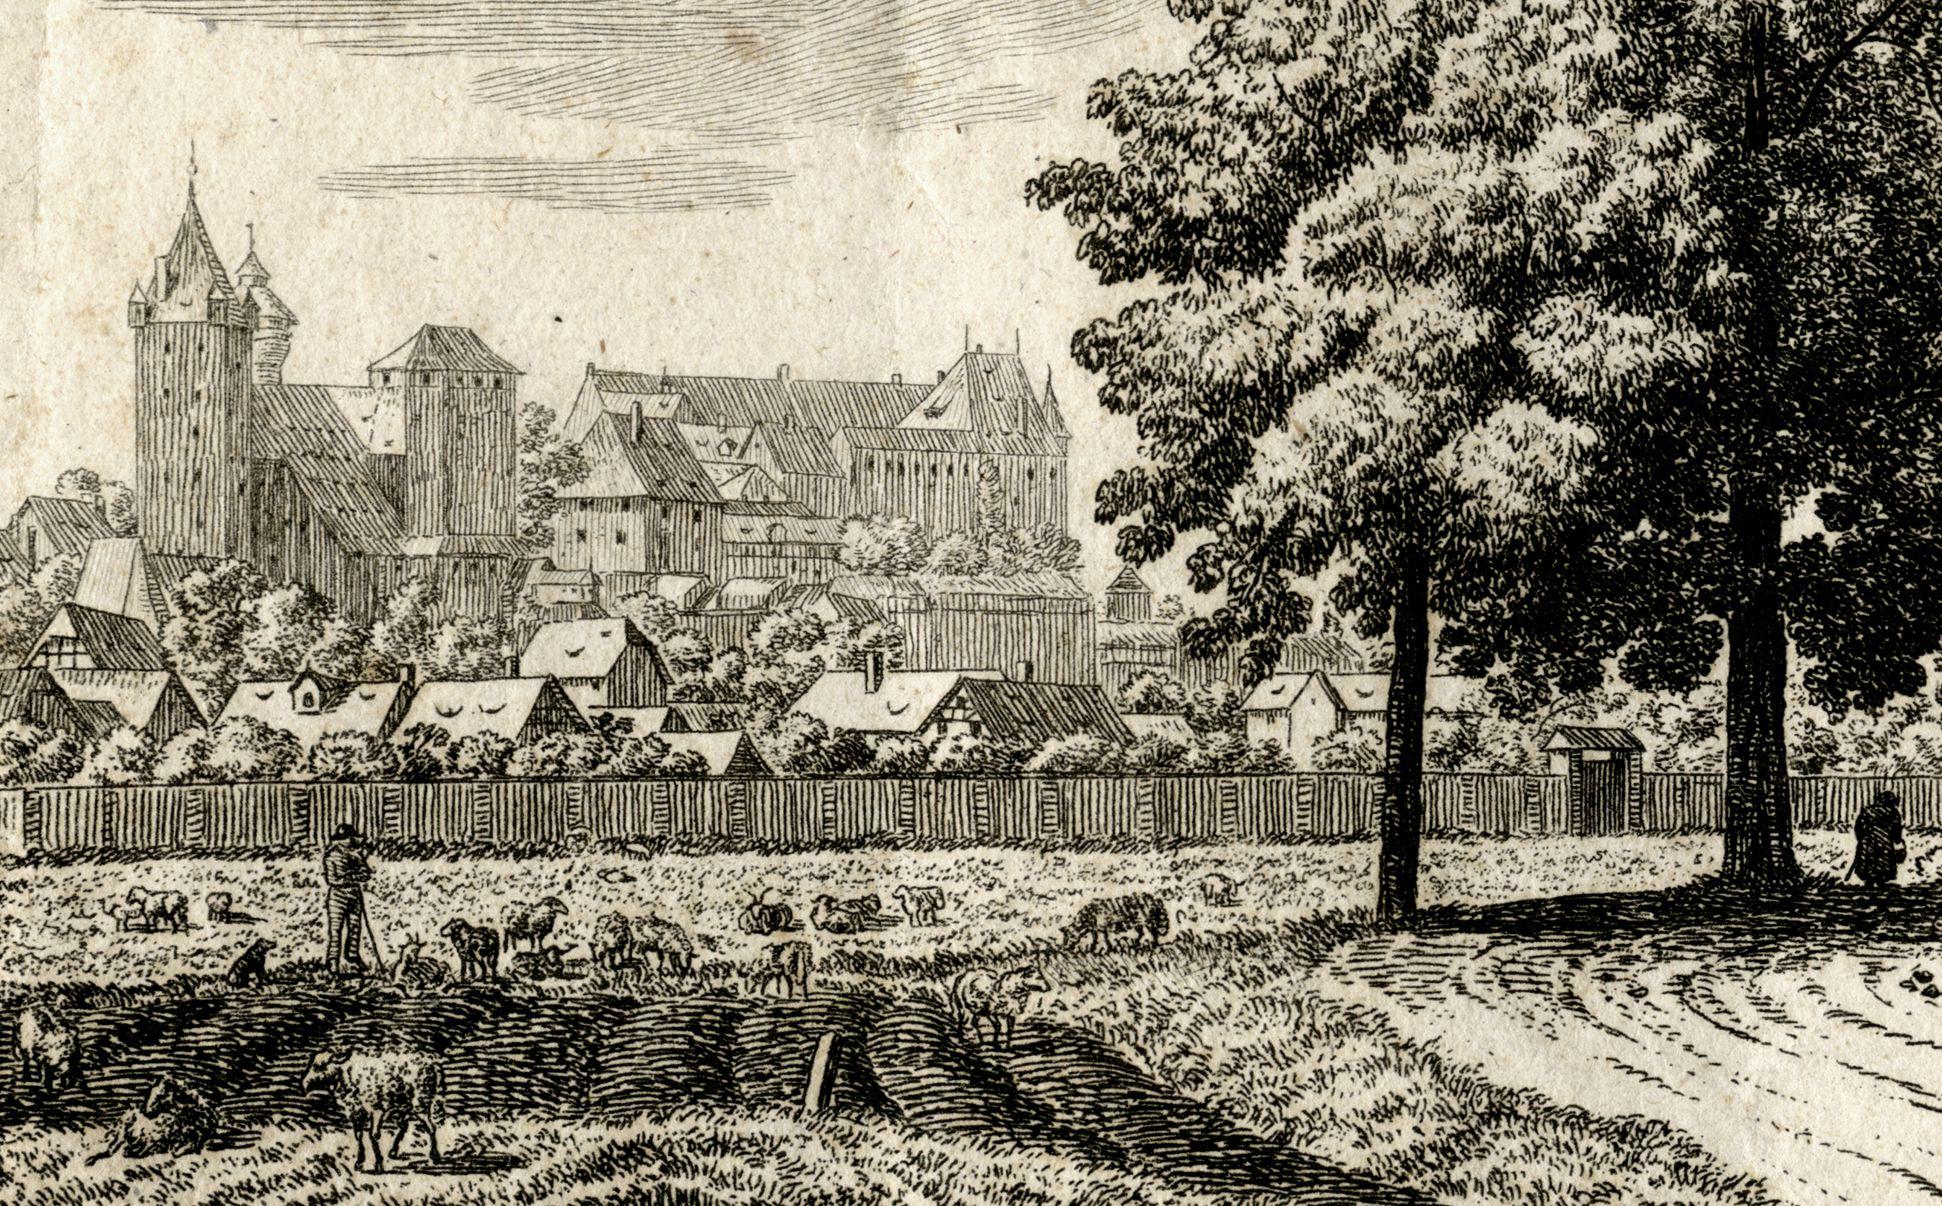 Die Burg zu Nürnberg, vom Judenbühl aus angesehen mittleres Bildfeld mit Burg